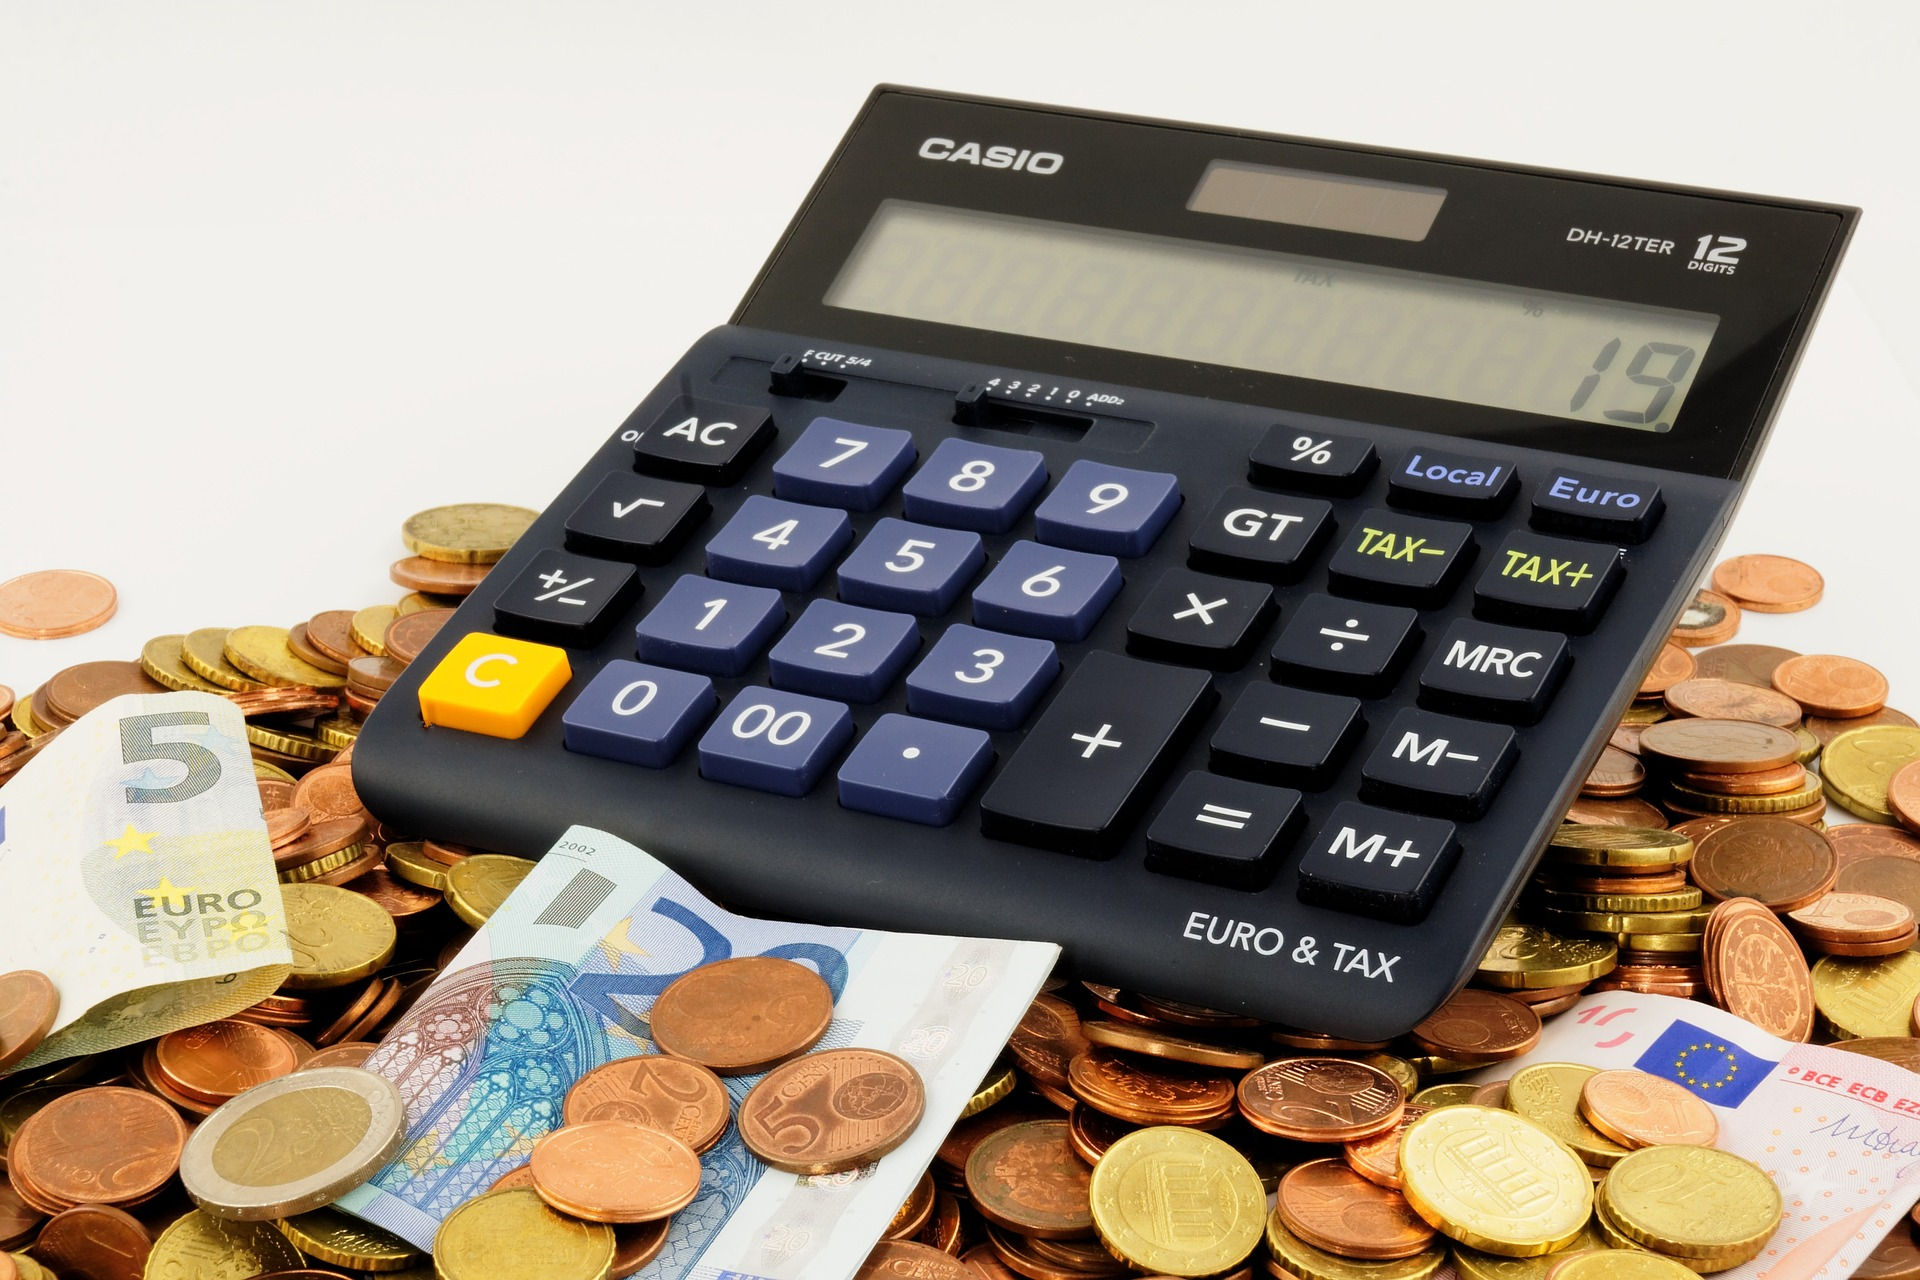 Calcular préstamos rápidos sin nómina